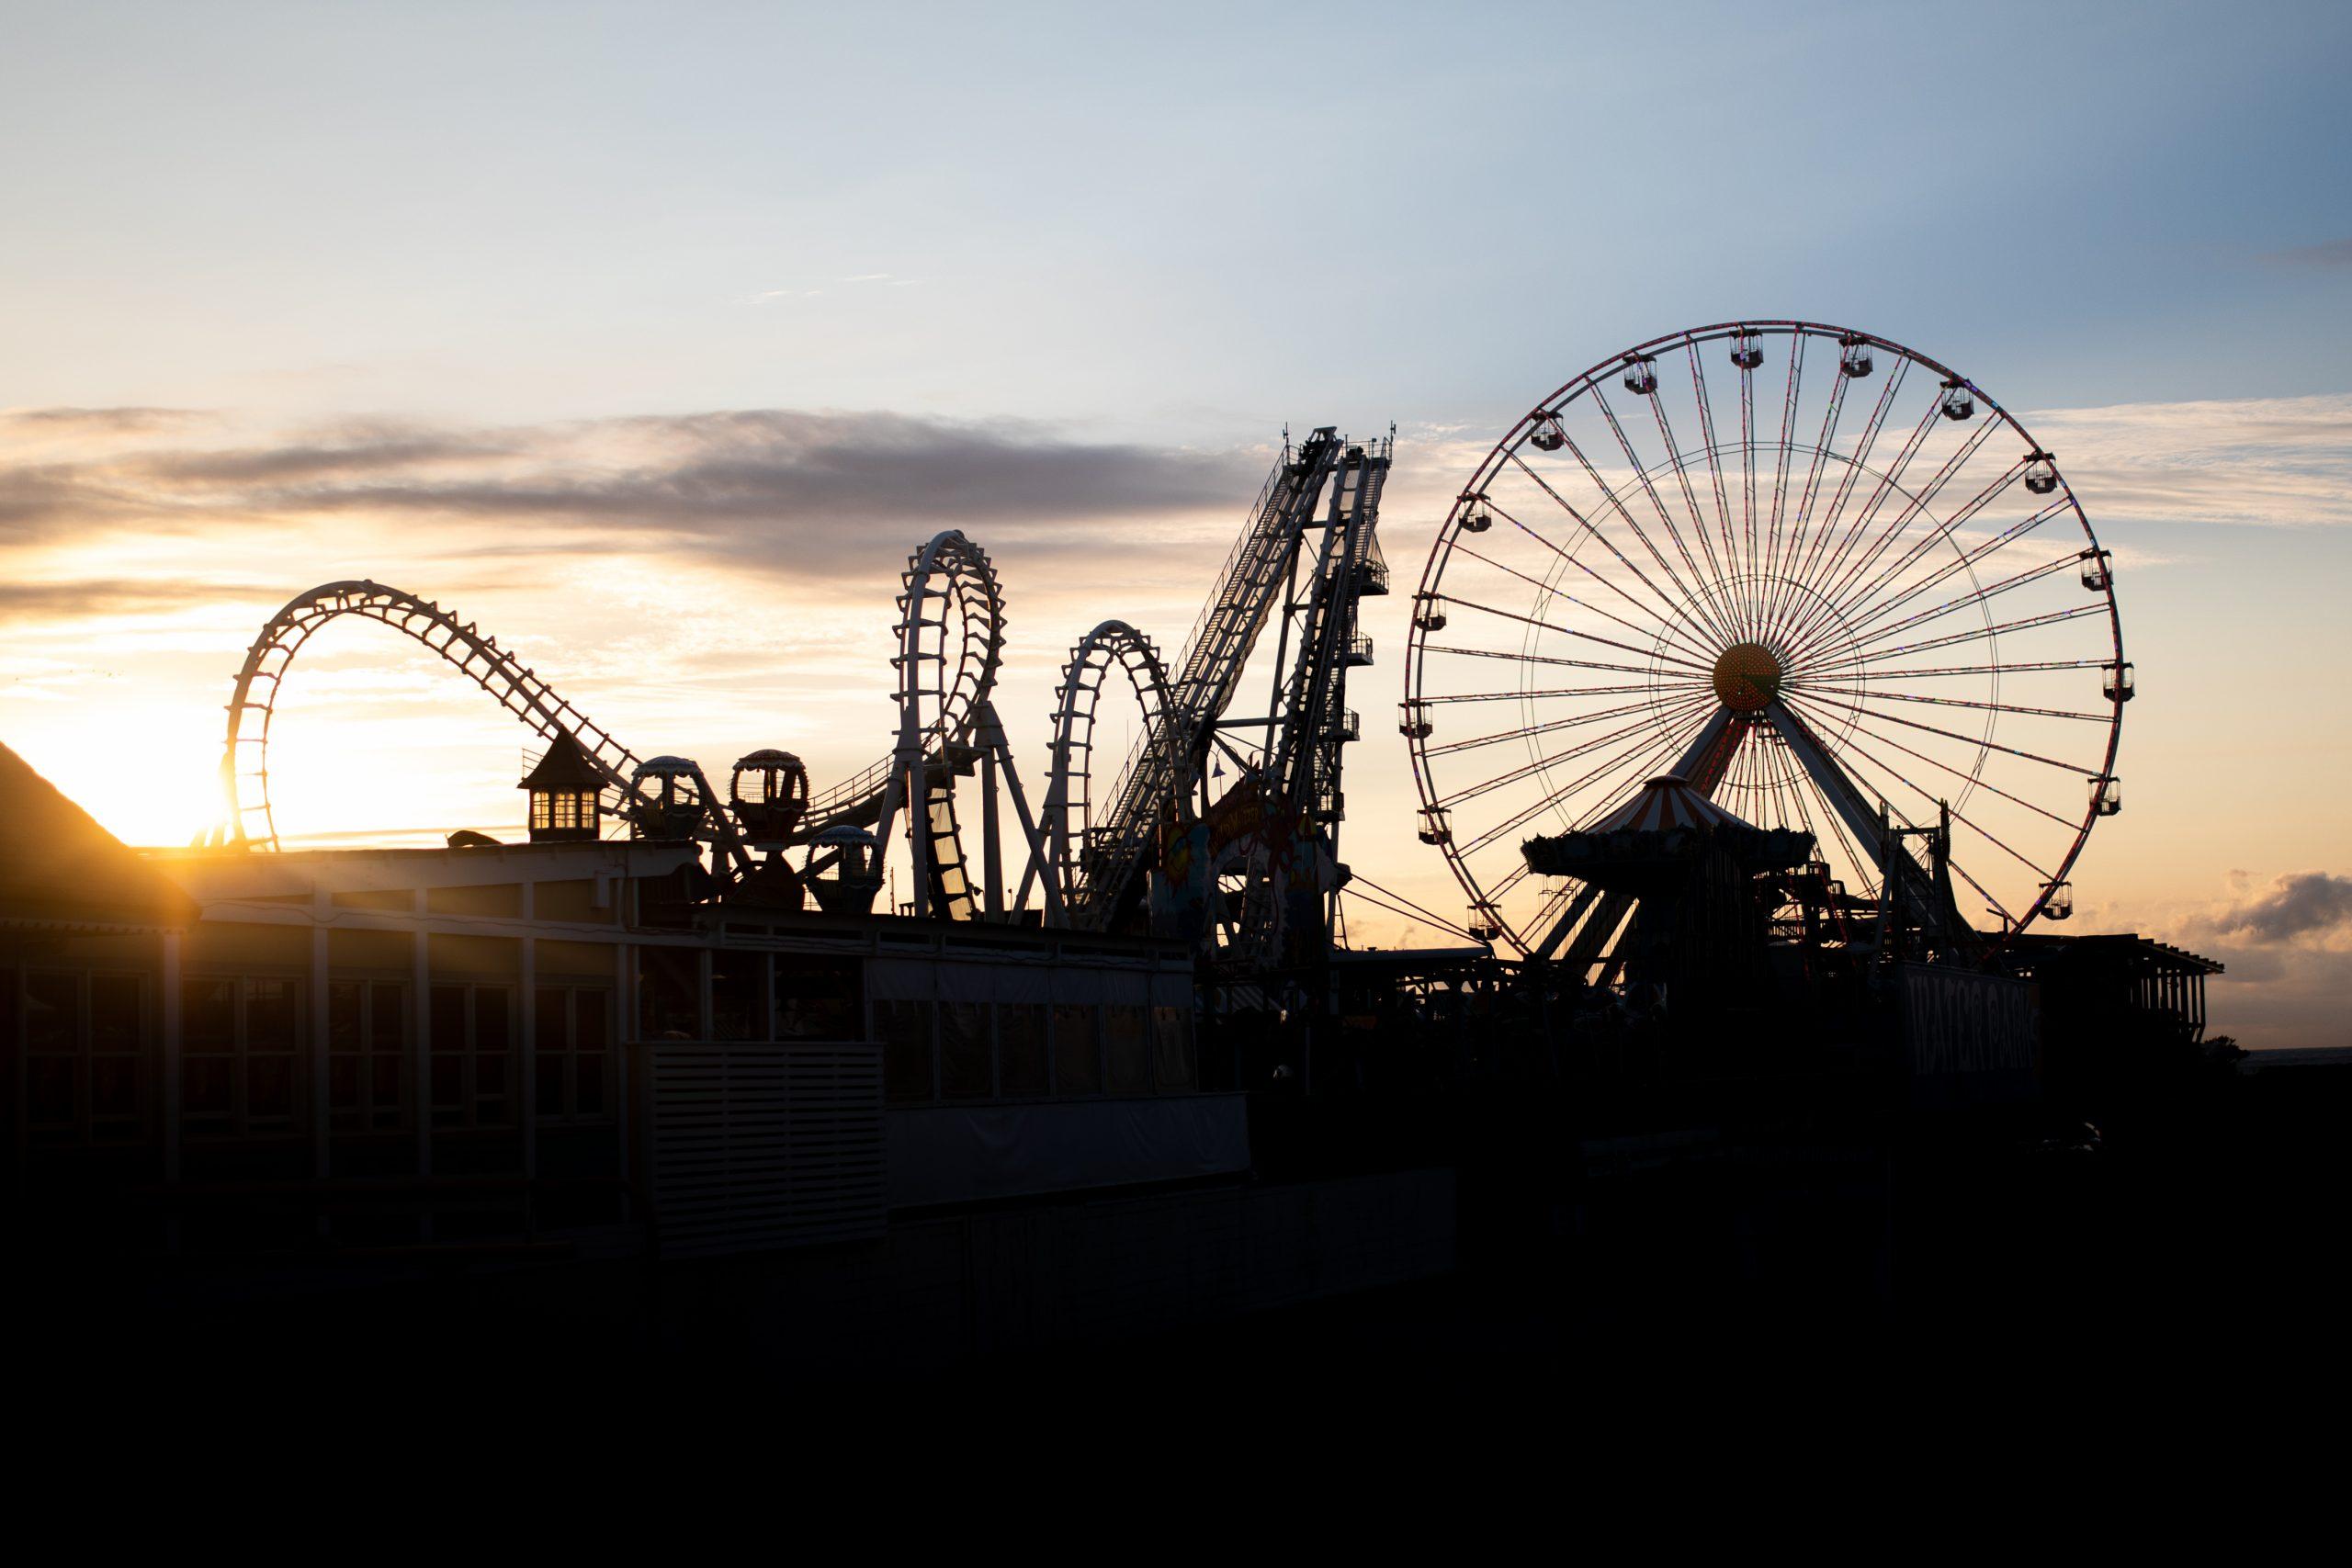 jersey shore carnival ride boardwalk silhouette